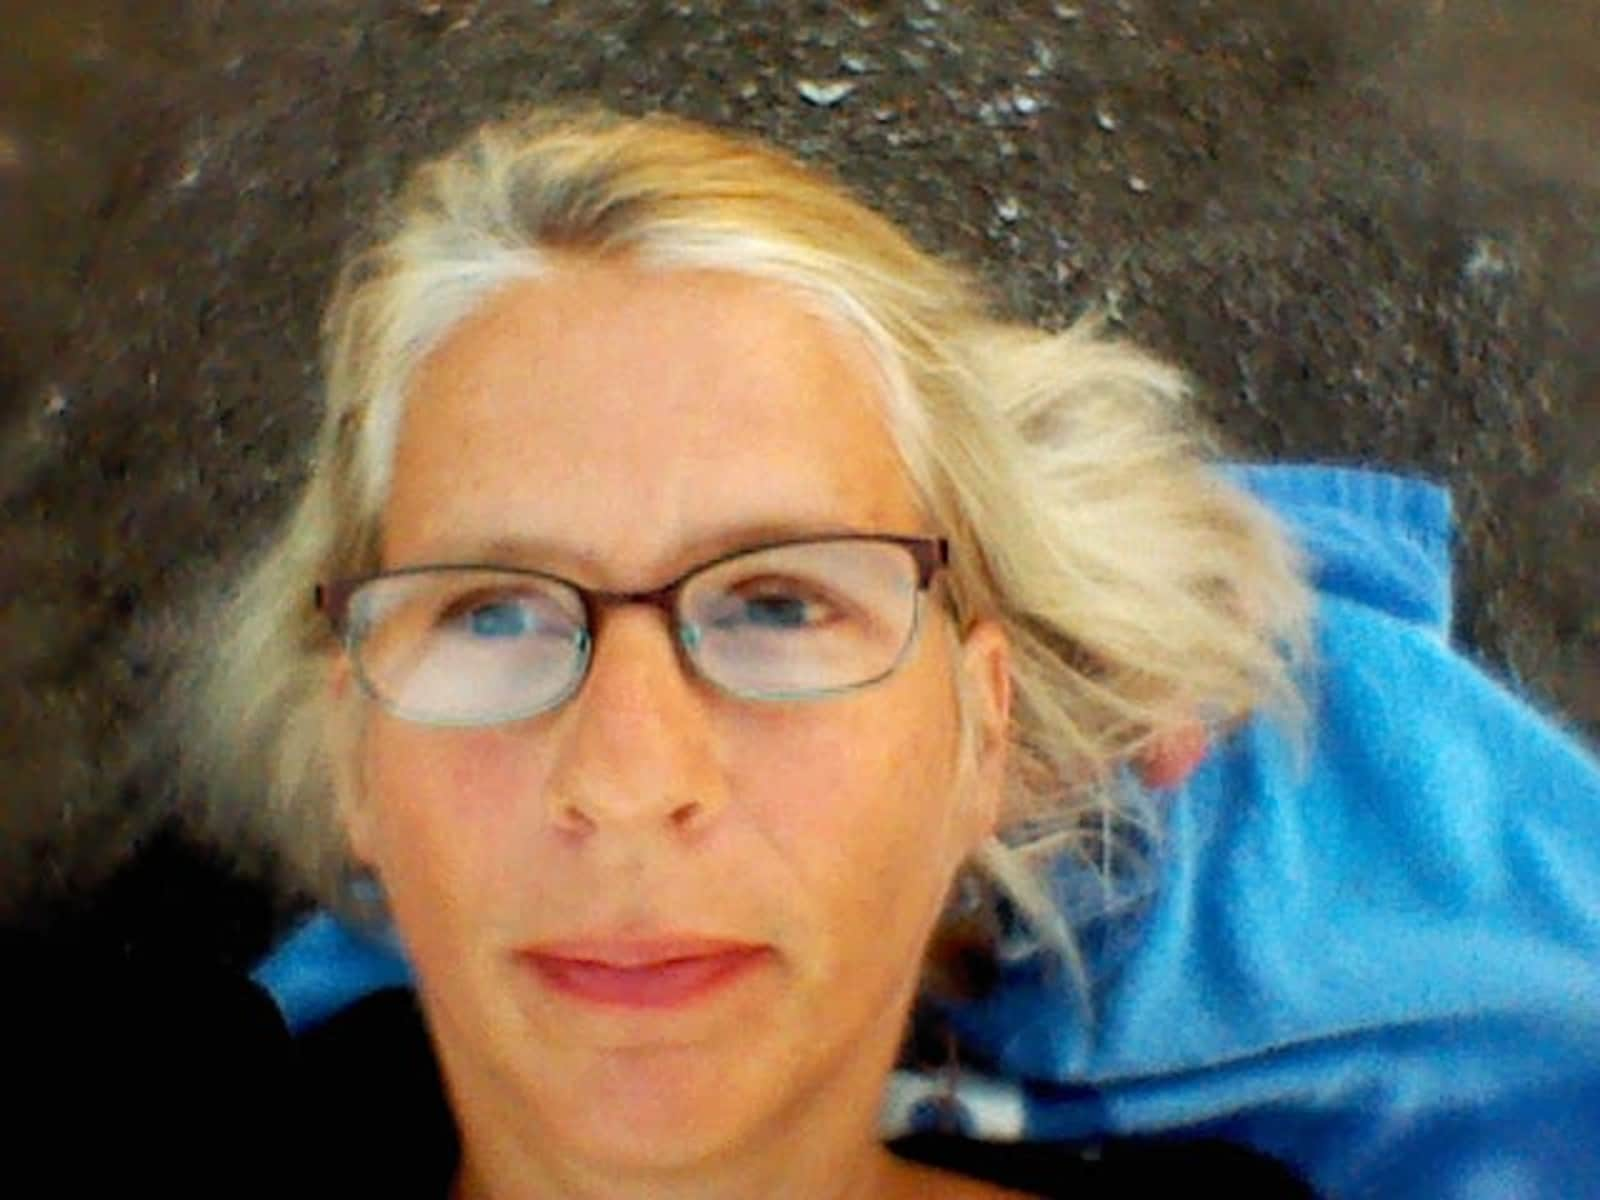 Elizabeth from Frankfurt am Main, Germany